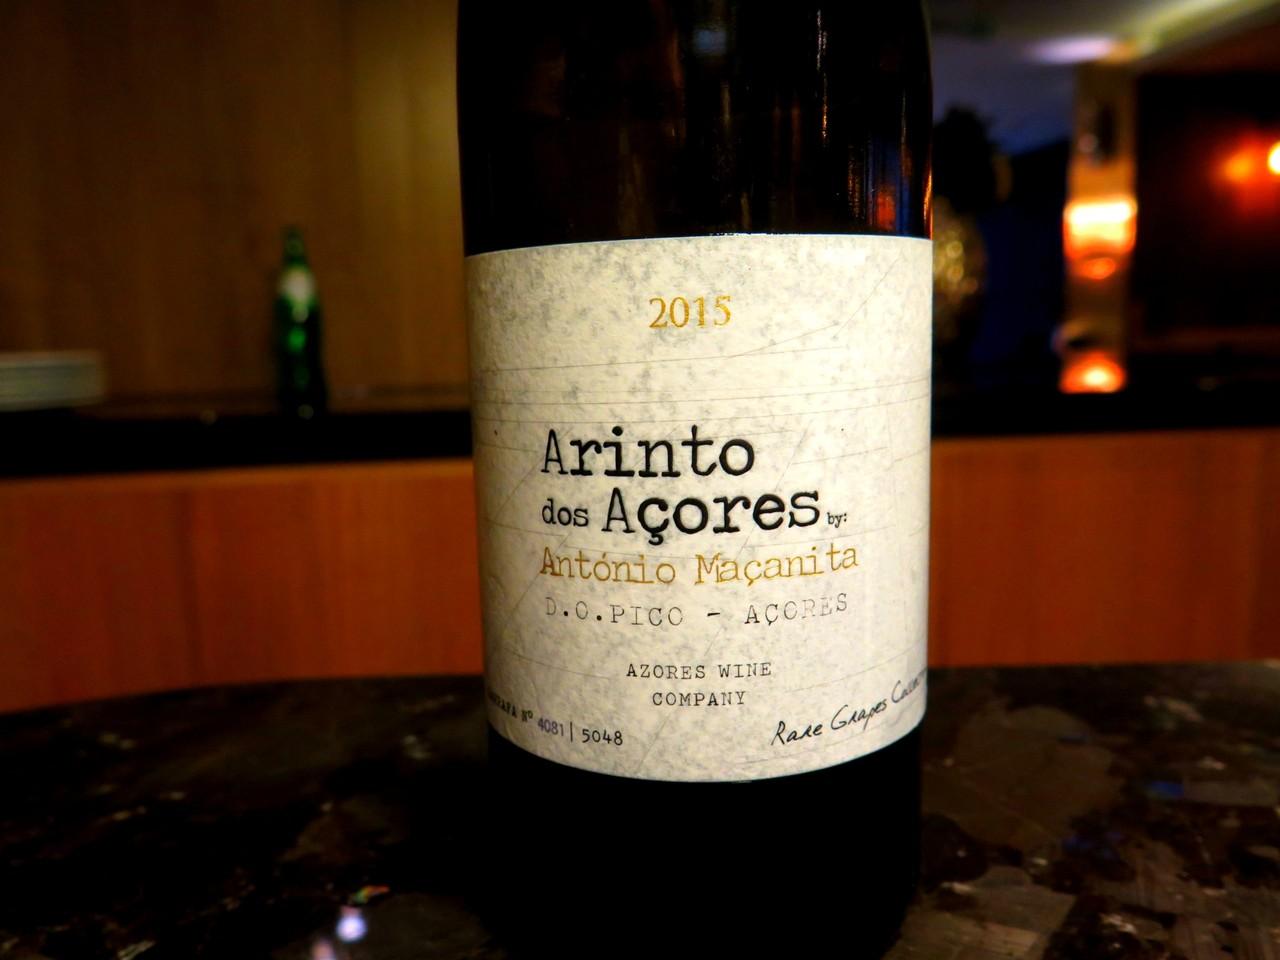 Arinto dos Açores by António Maçanita branco 2015